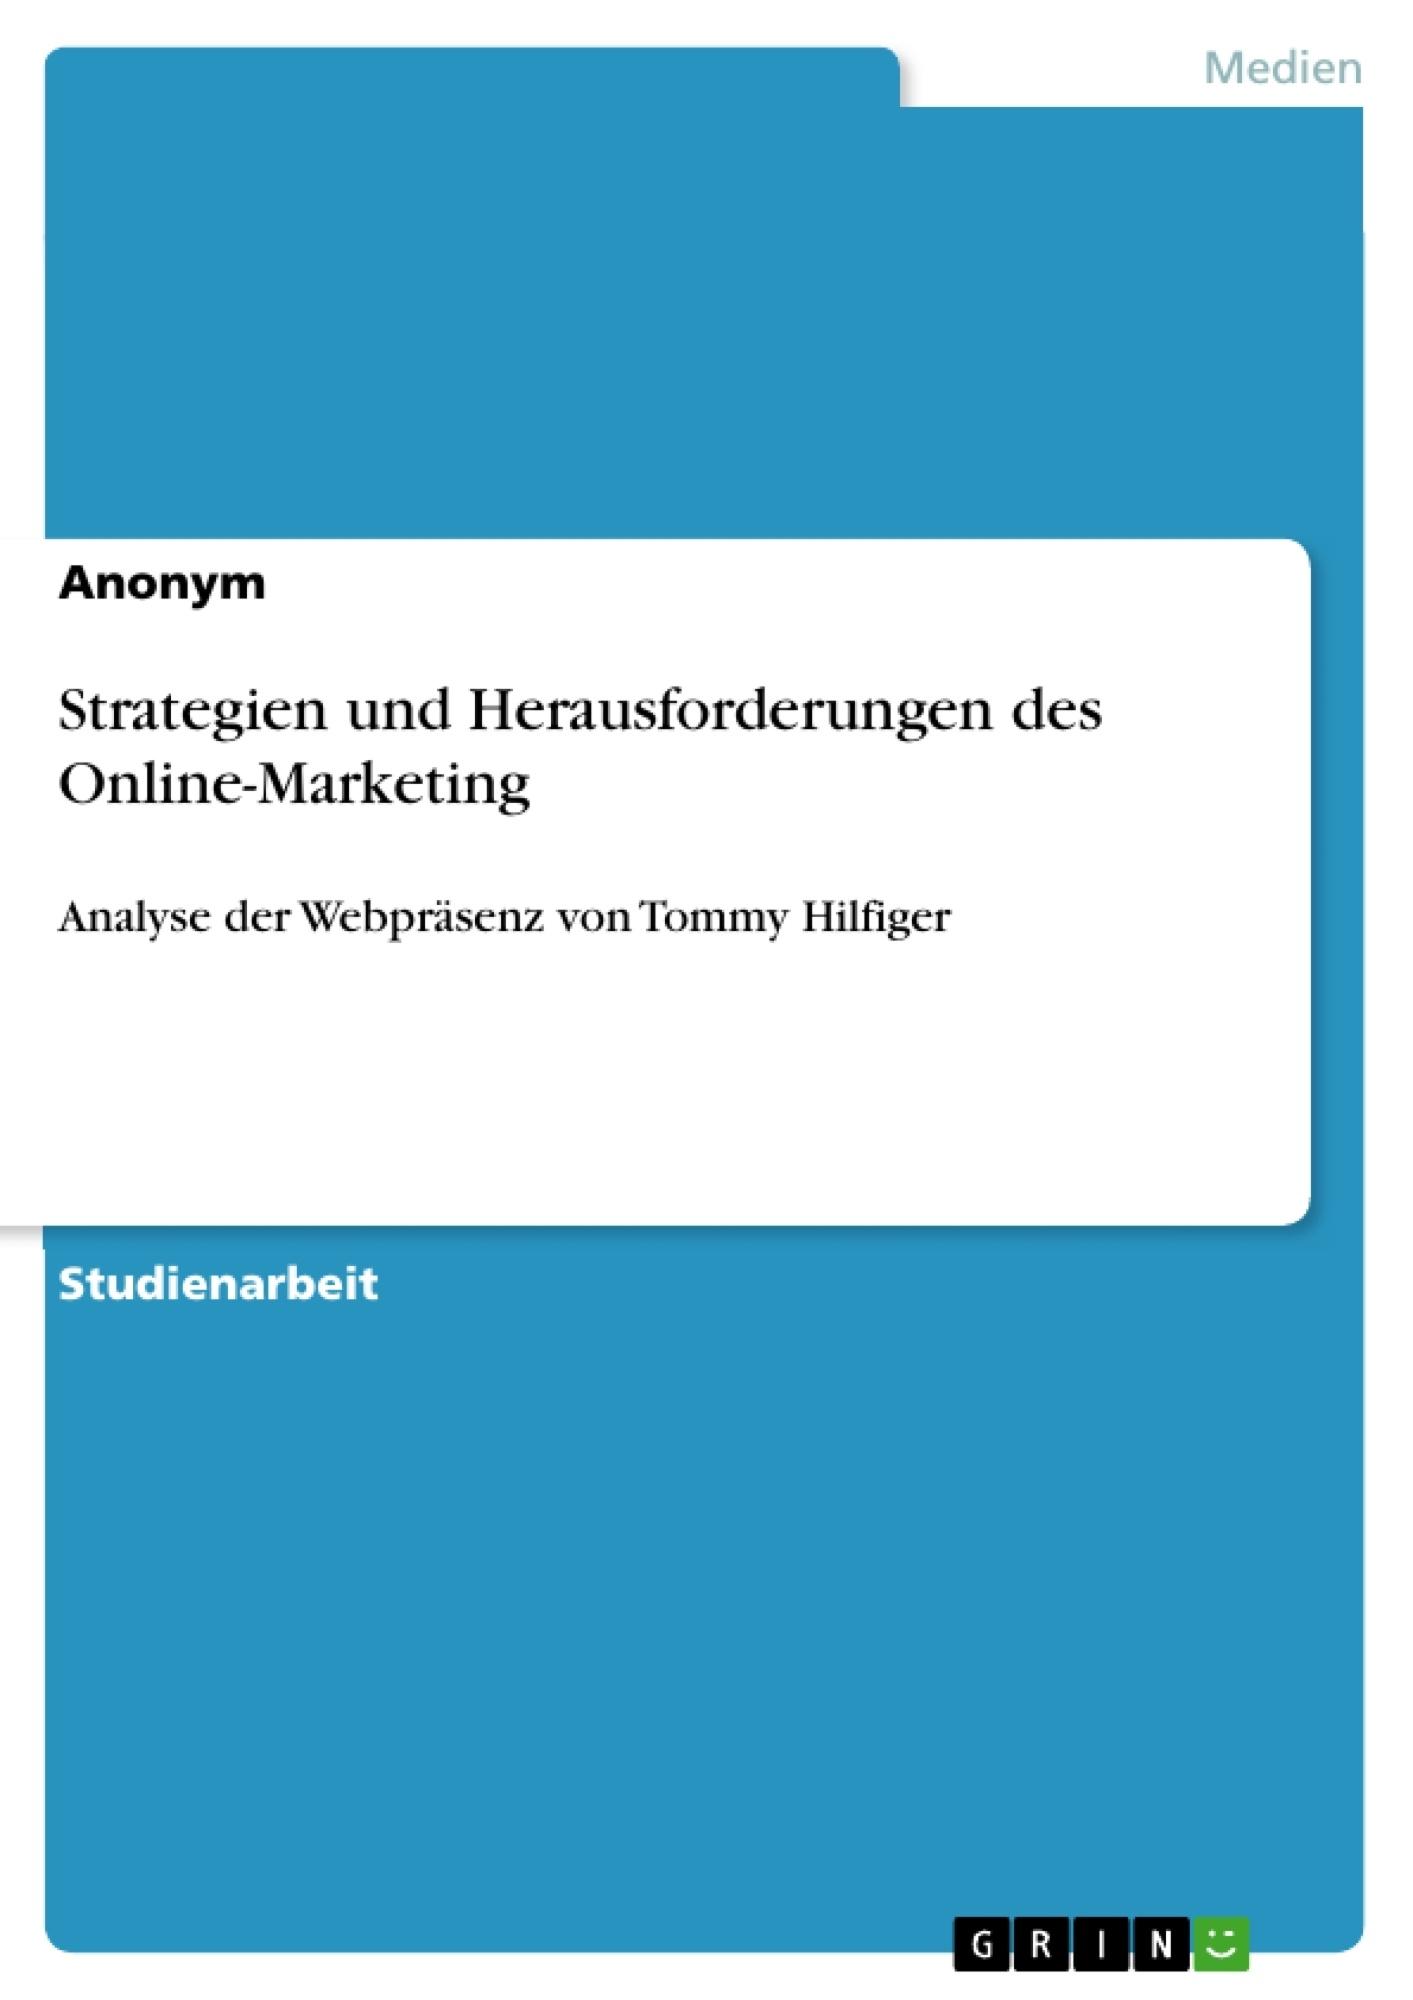 Titel: Strategien und Herausforderungen des Online-Marketing